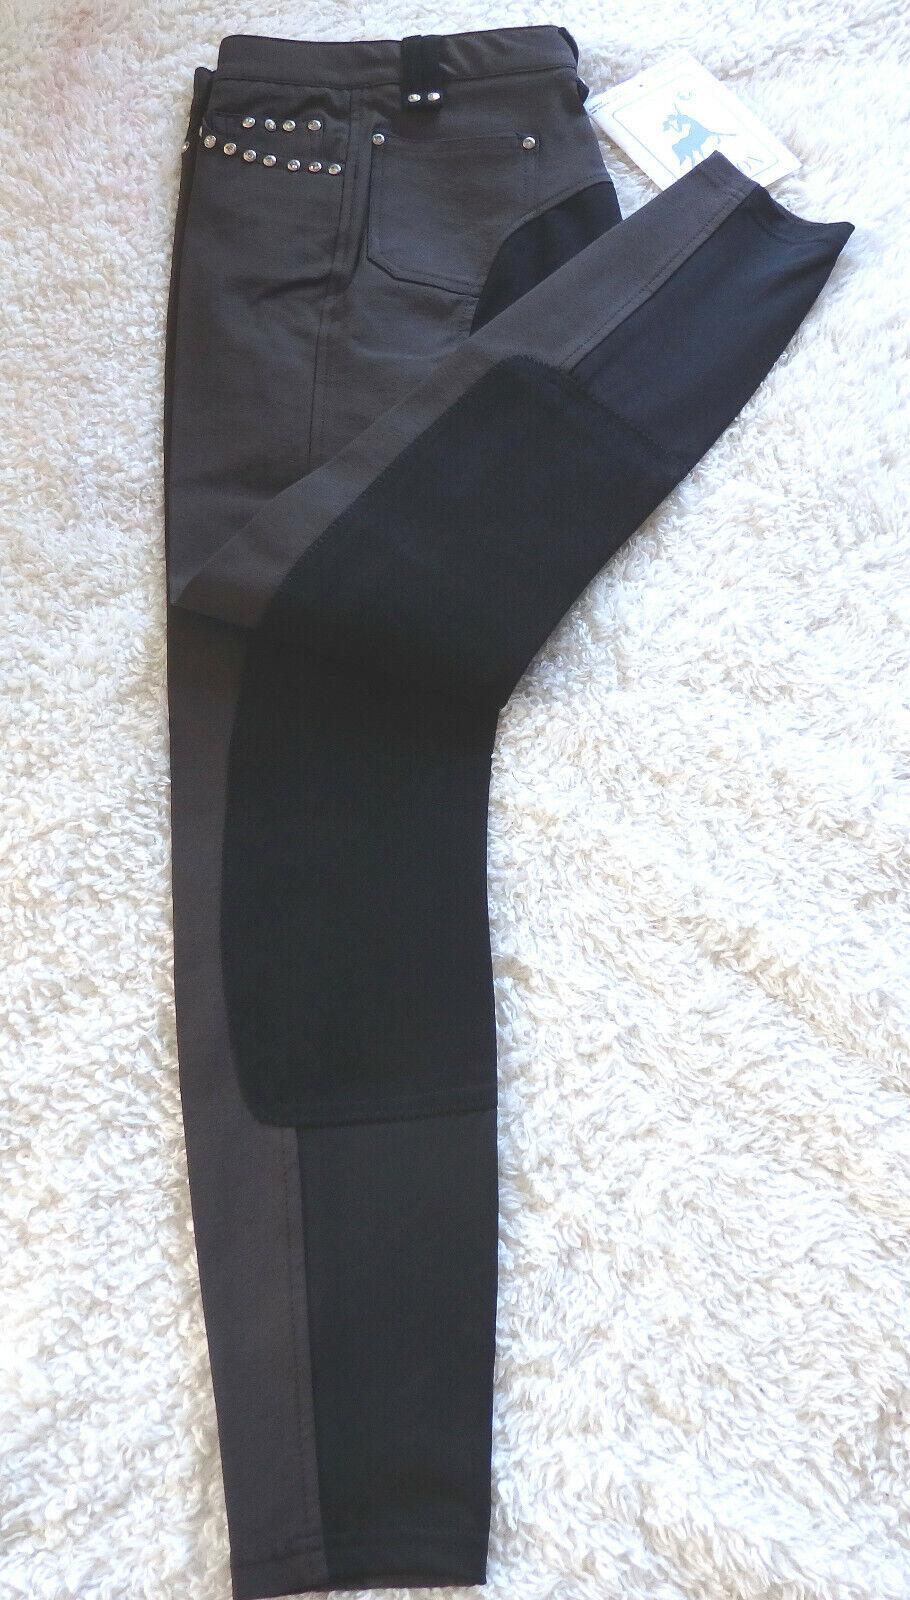 KYRON Donna Pantaloni Montala lexy6  G, guarnizione in pieno TG 84 Marronee, Glitzersteine 210